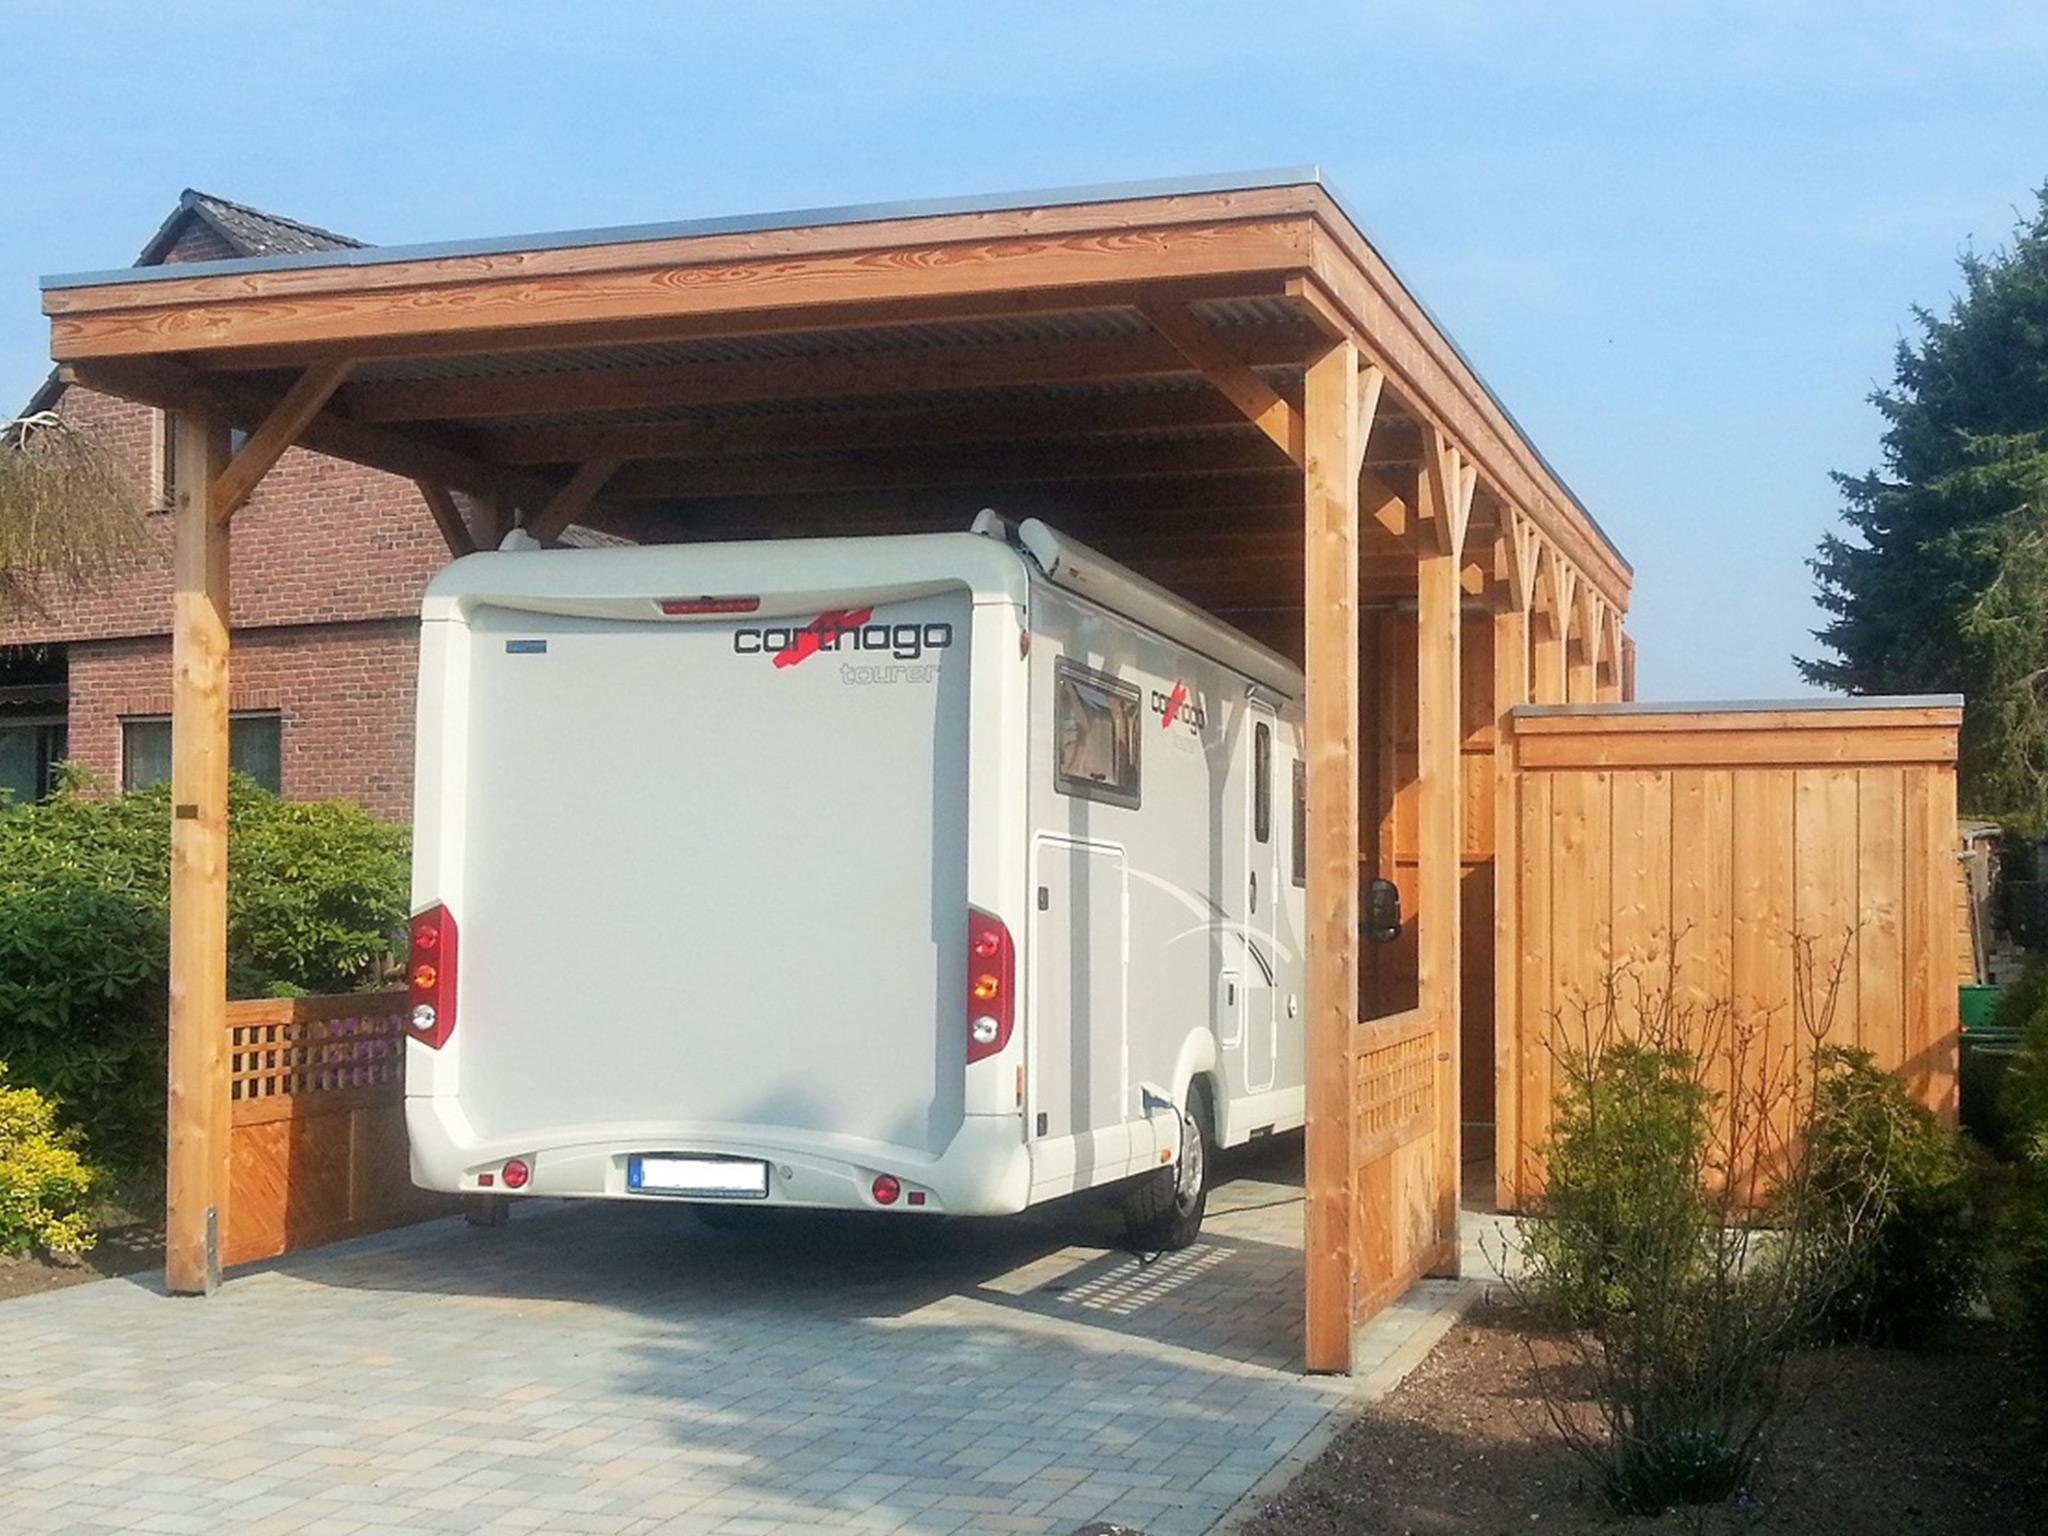 Wohnmobil-Carport aus Holz mit Holzblende und Abstellraum